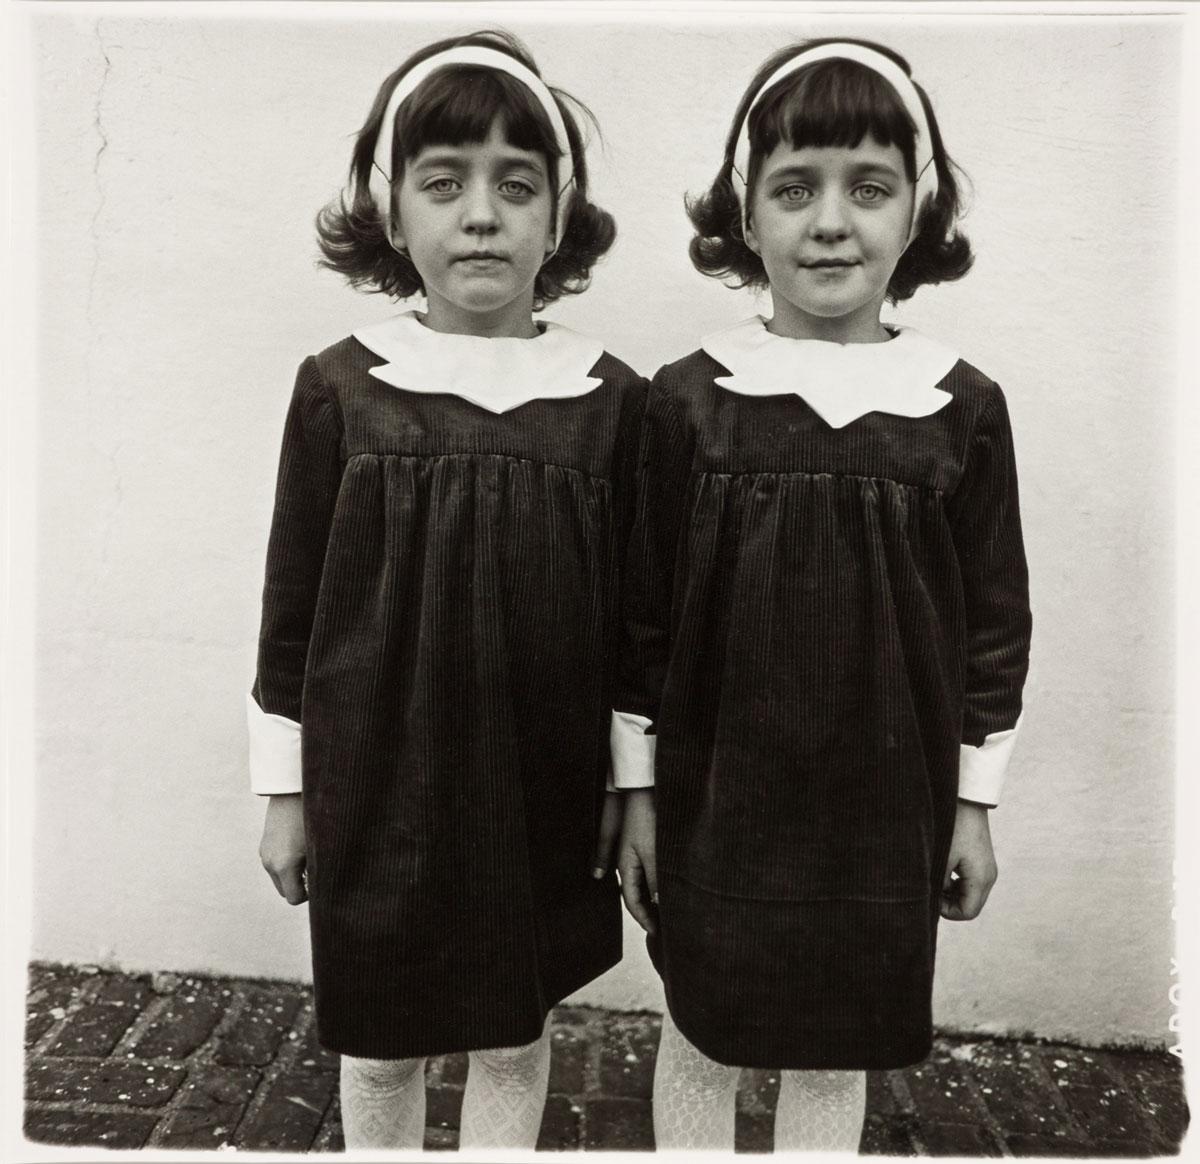 Diane Arbus - Identical Twins [1967]